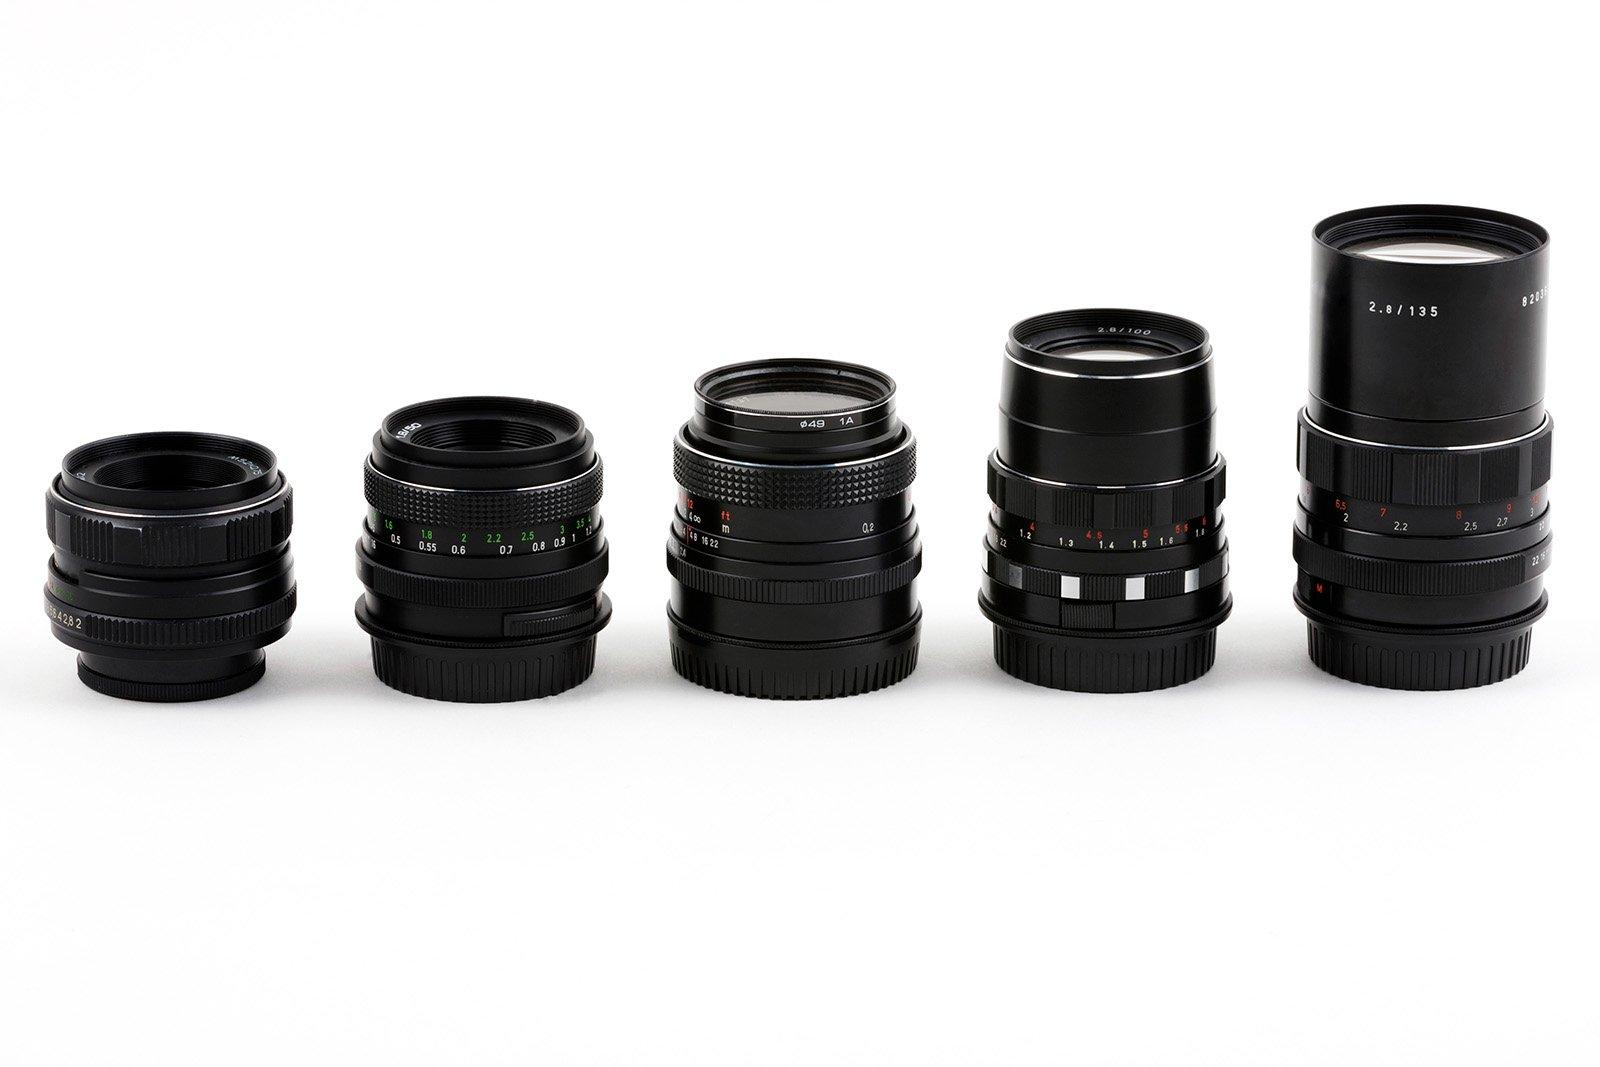 Borrow Lens.com